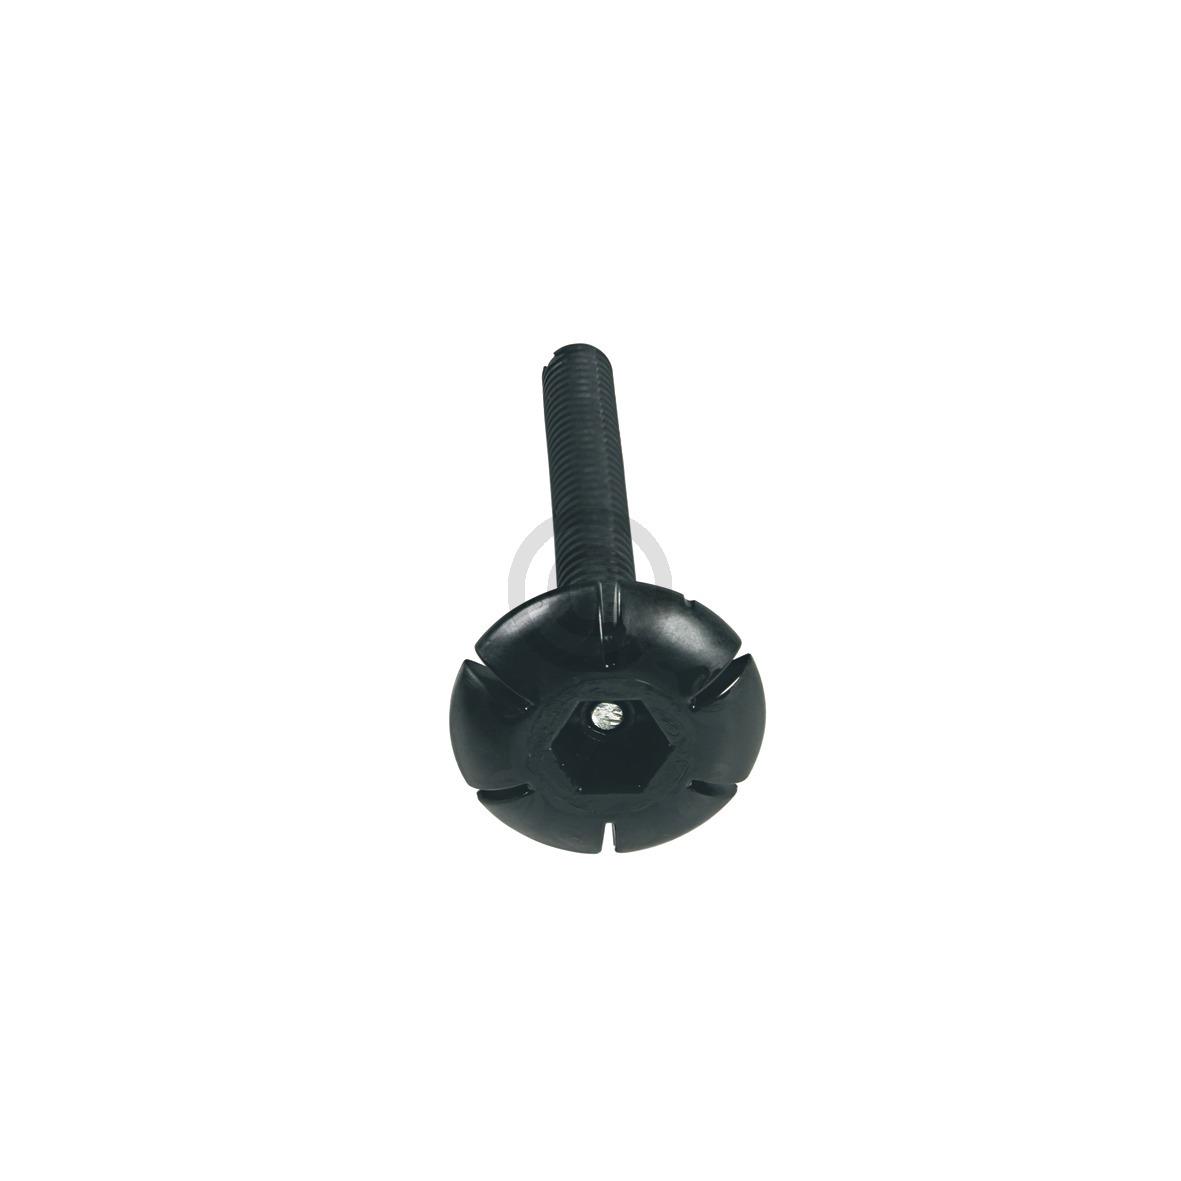 Gerätefuß Einstellfuß vorne schwarz 115mm 117368700 AEG, Electrolux, Juno, Zanus